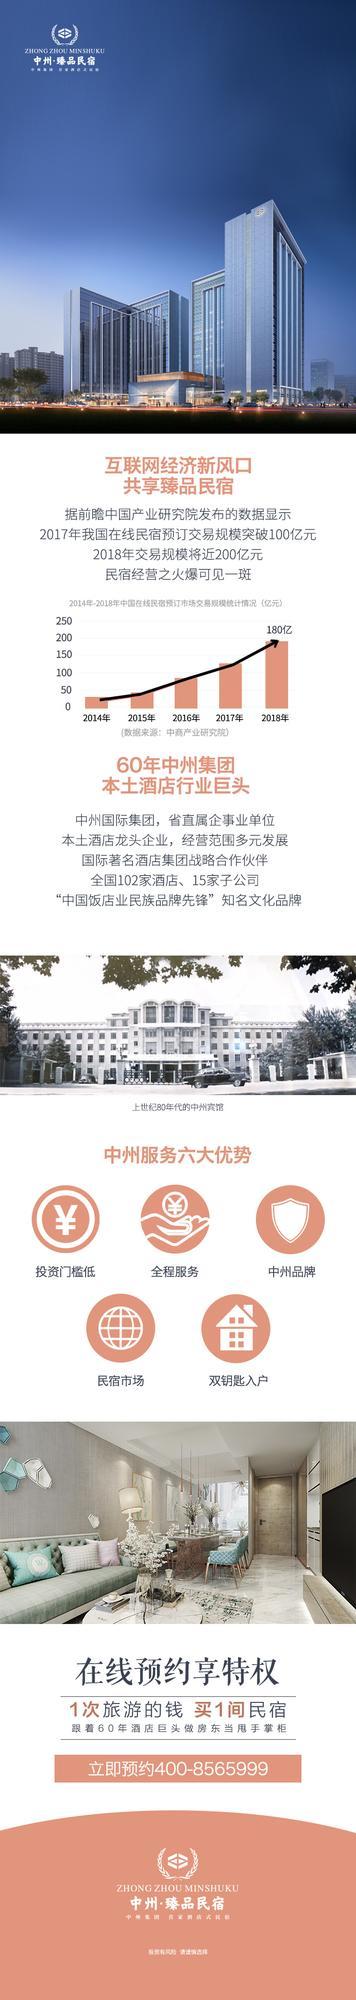 """中州臻品民宿:资本巨头青睐的资产""""新屋种"""""""